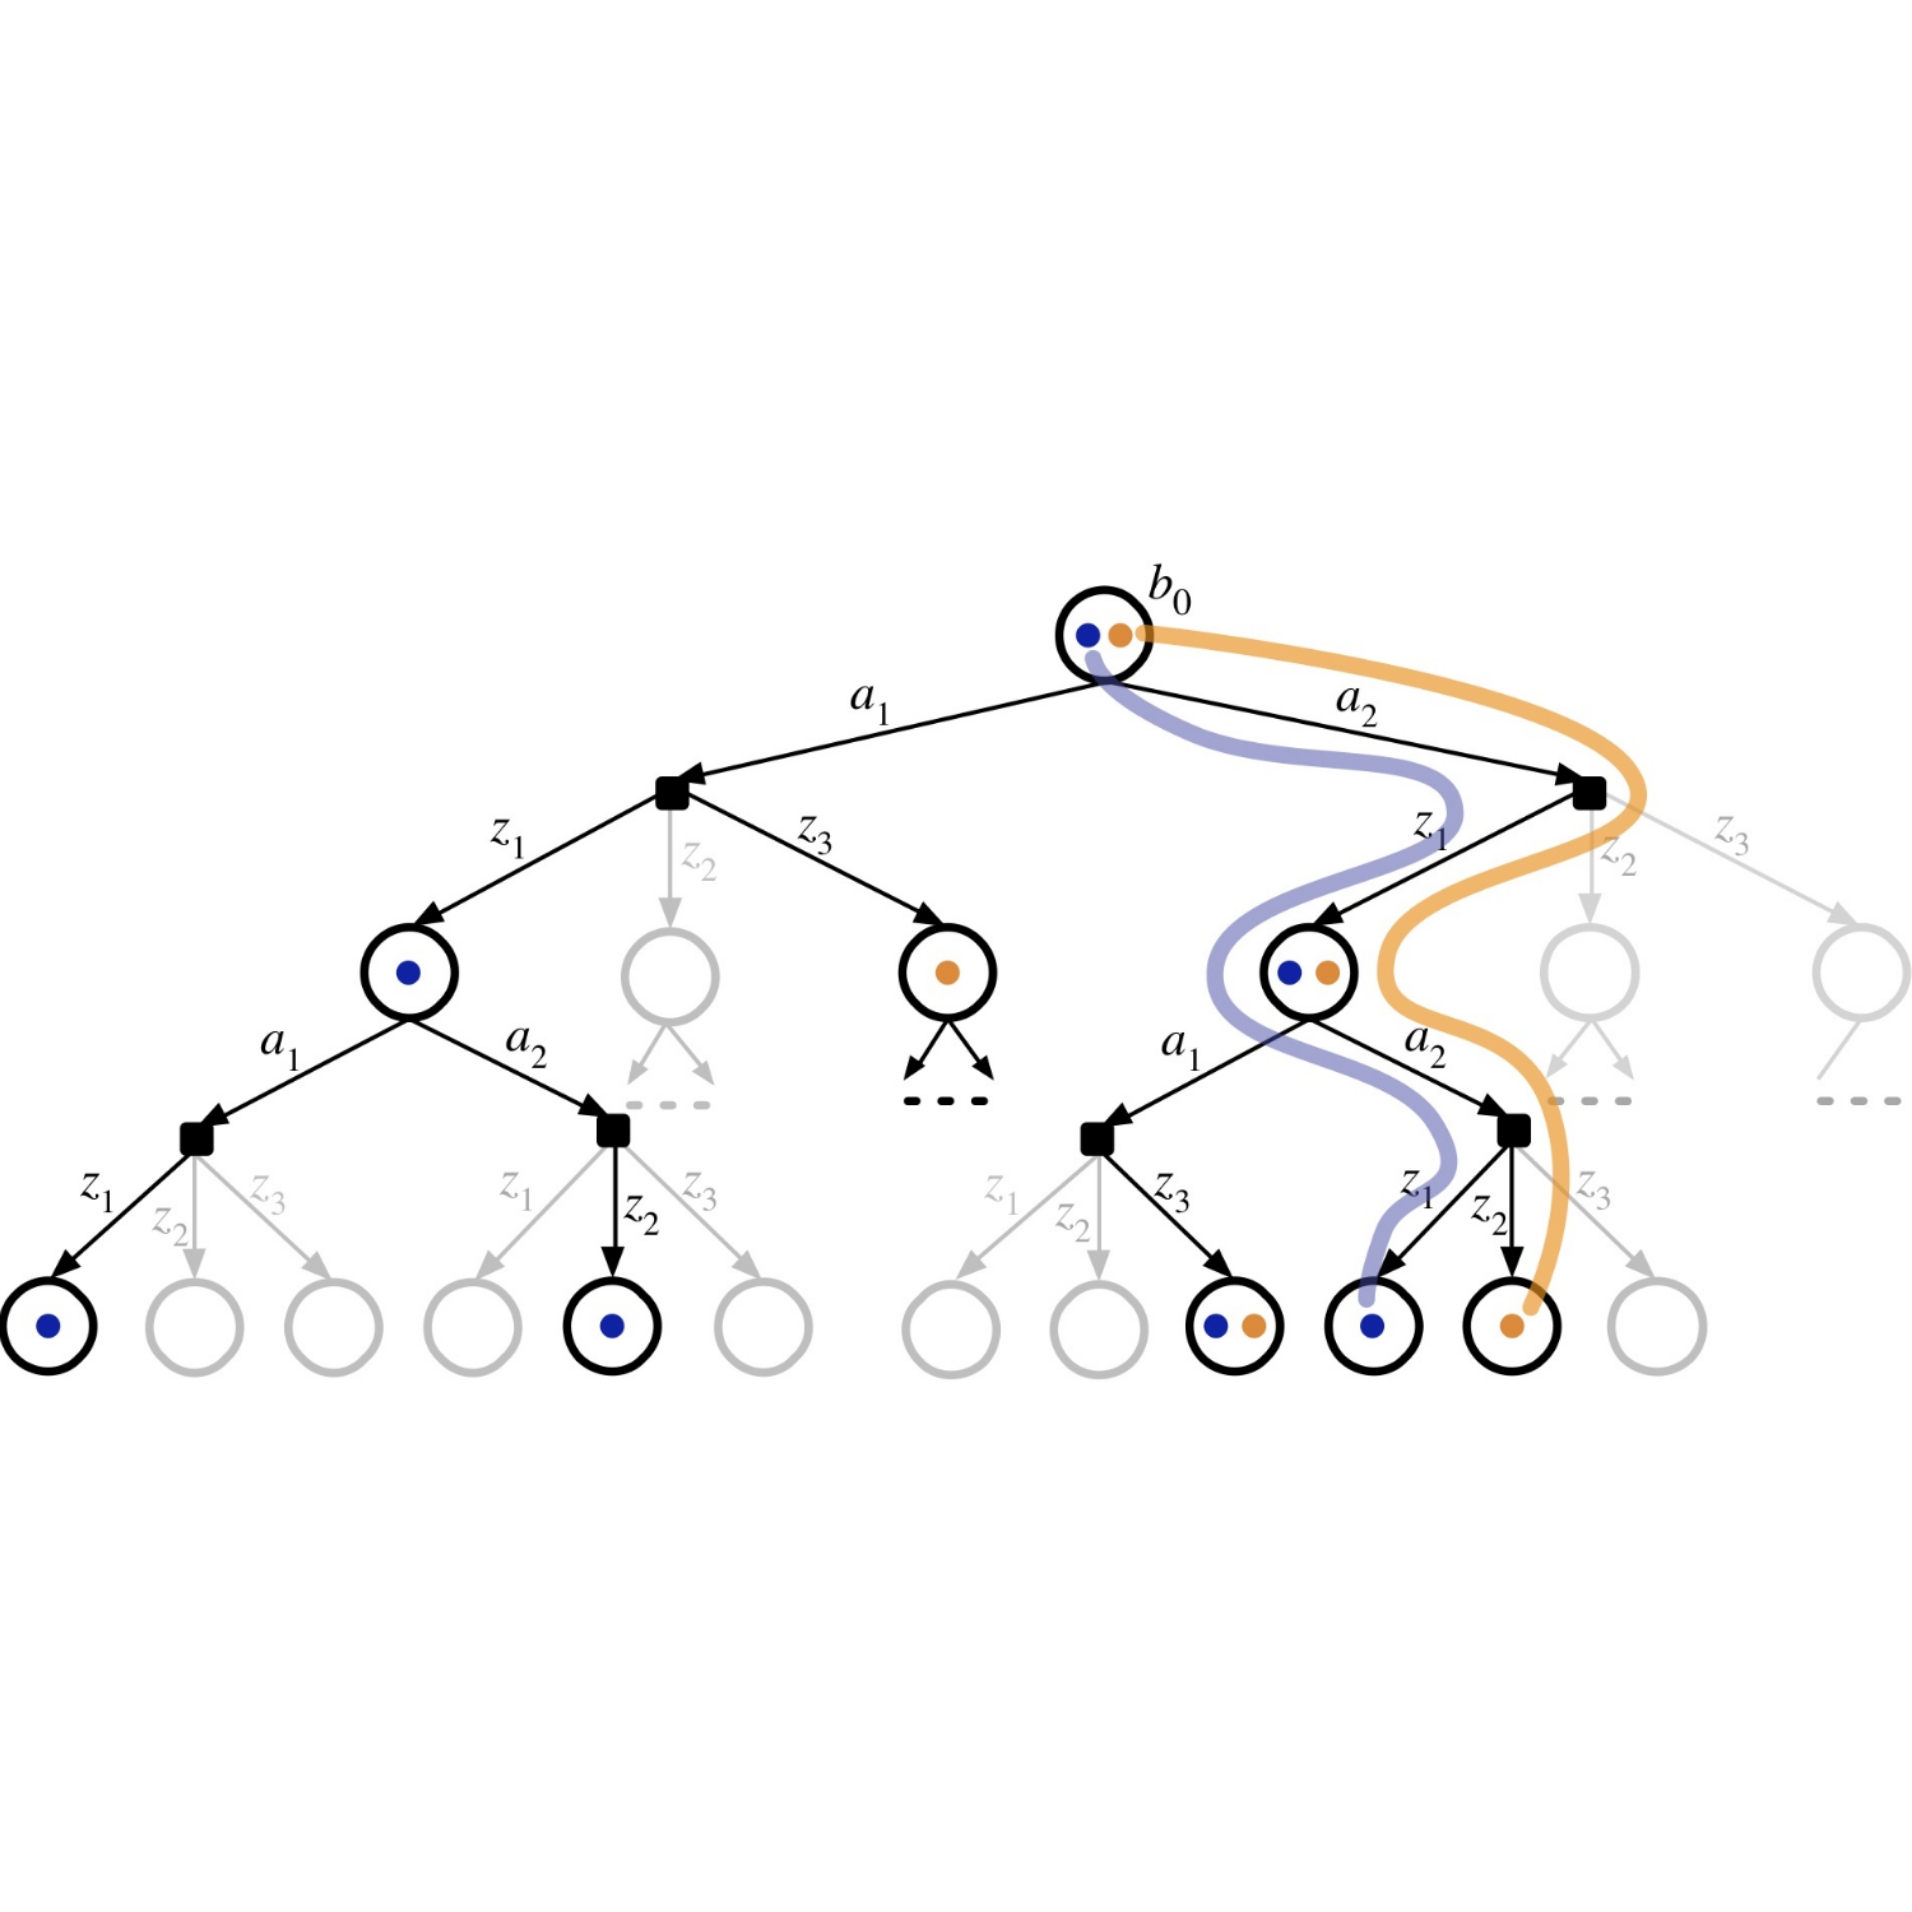 Online POMDP Planning